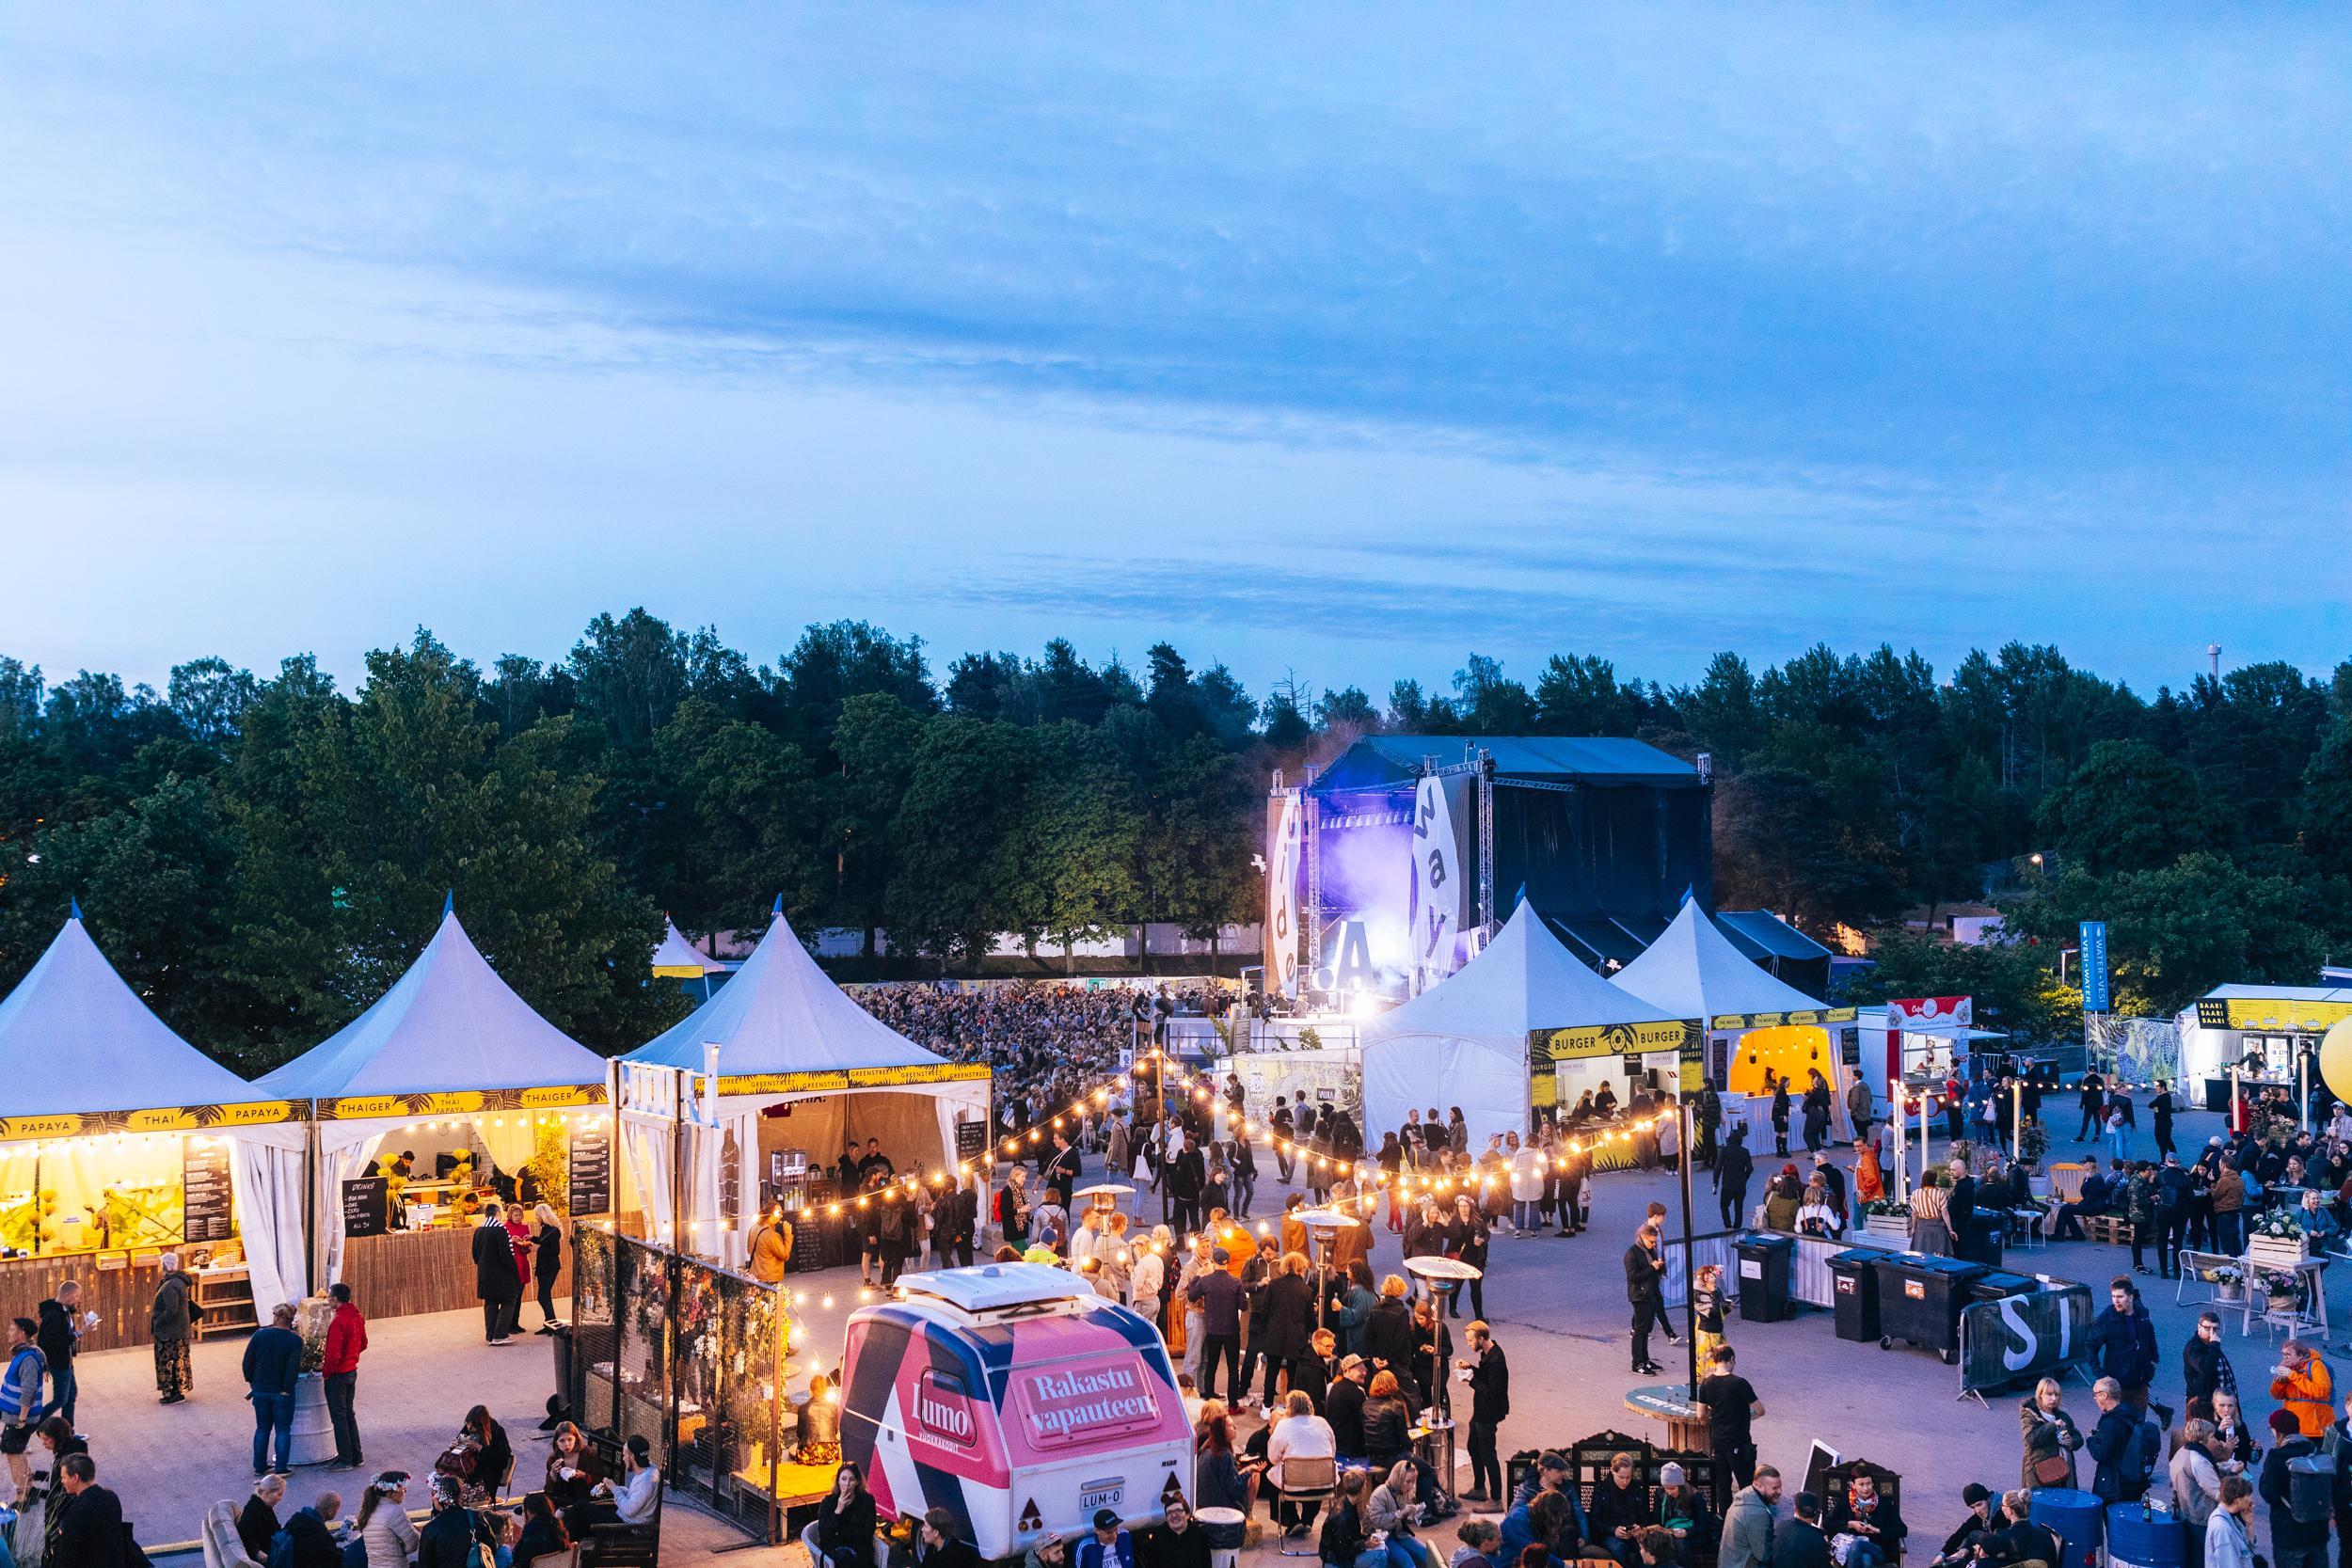 Gay/LGBTQ friendly Sideways Festival in Helsinki Finland, Sateenkaariystävällinen Suomi yhteisön jäsen